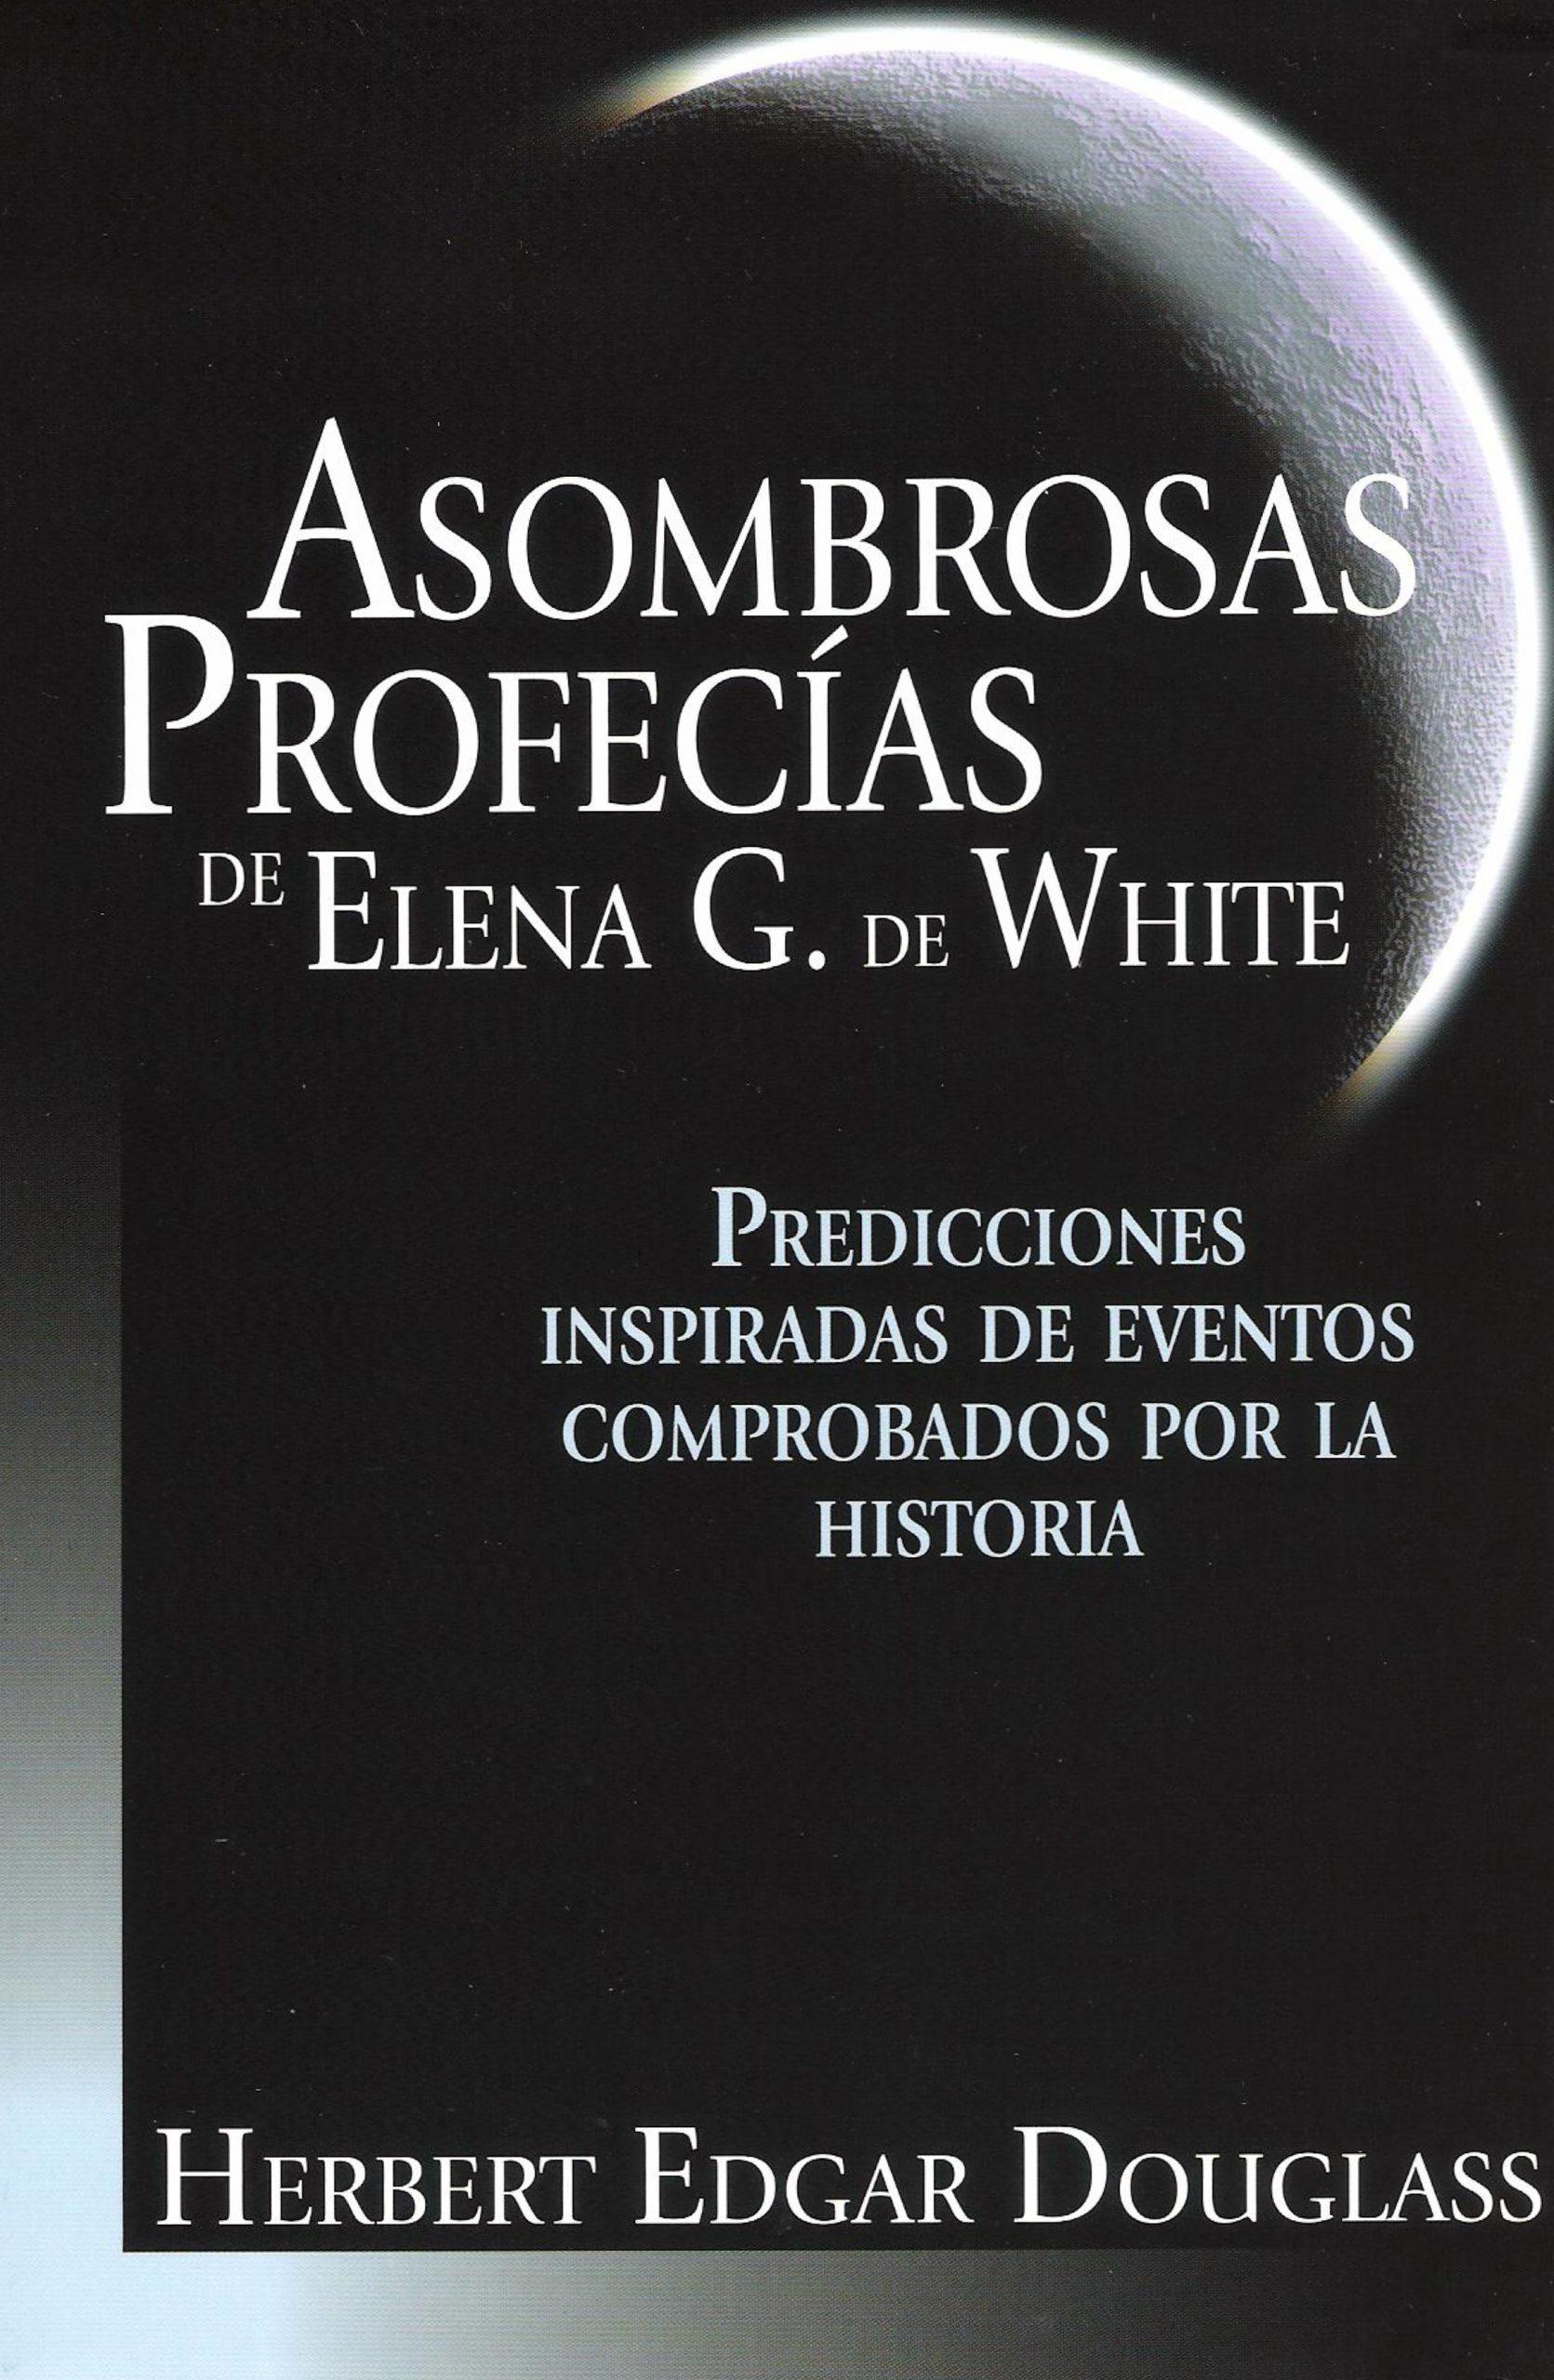 Asombrosas Profecias DeElena G.de White